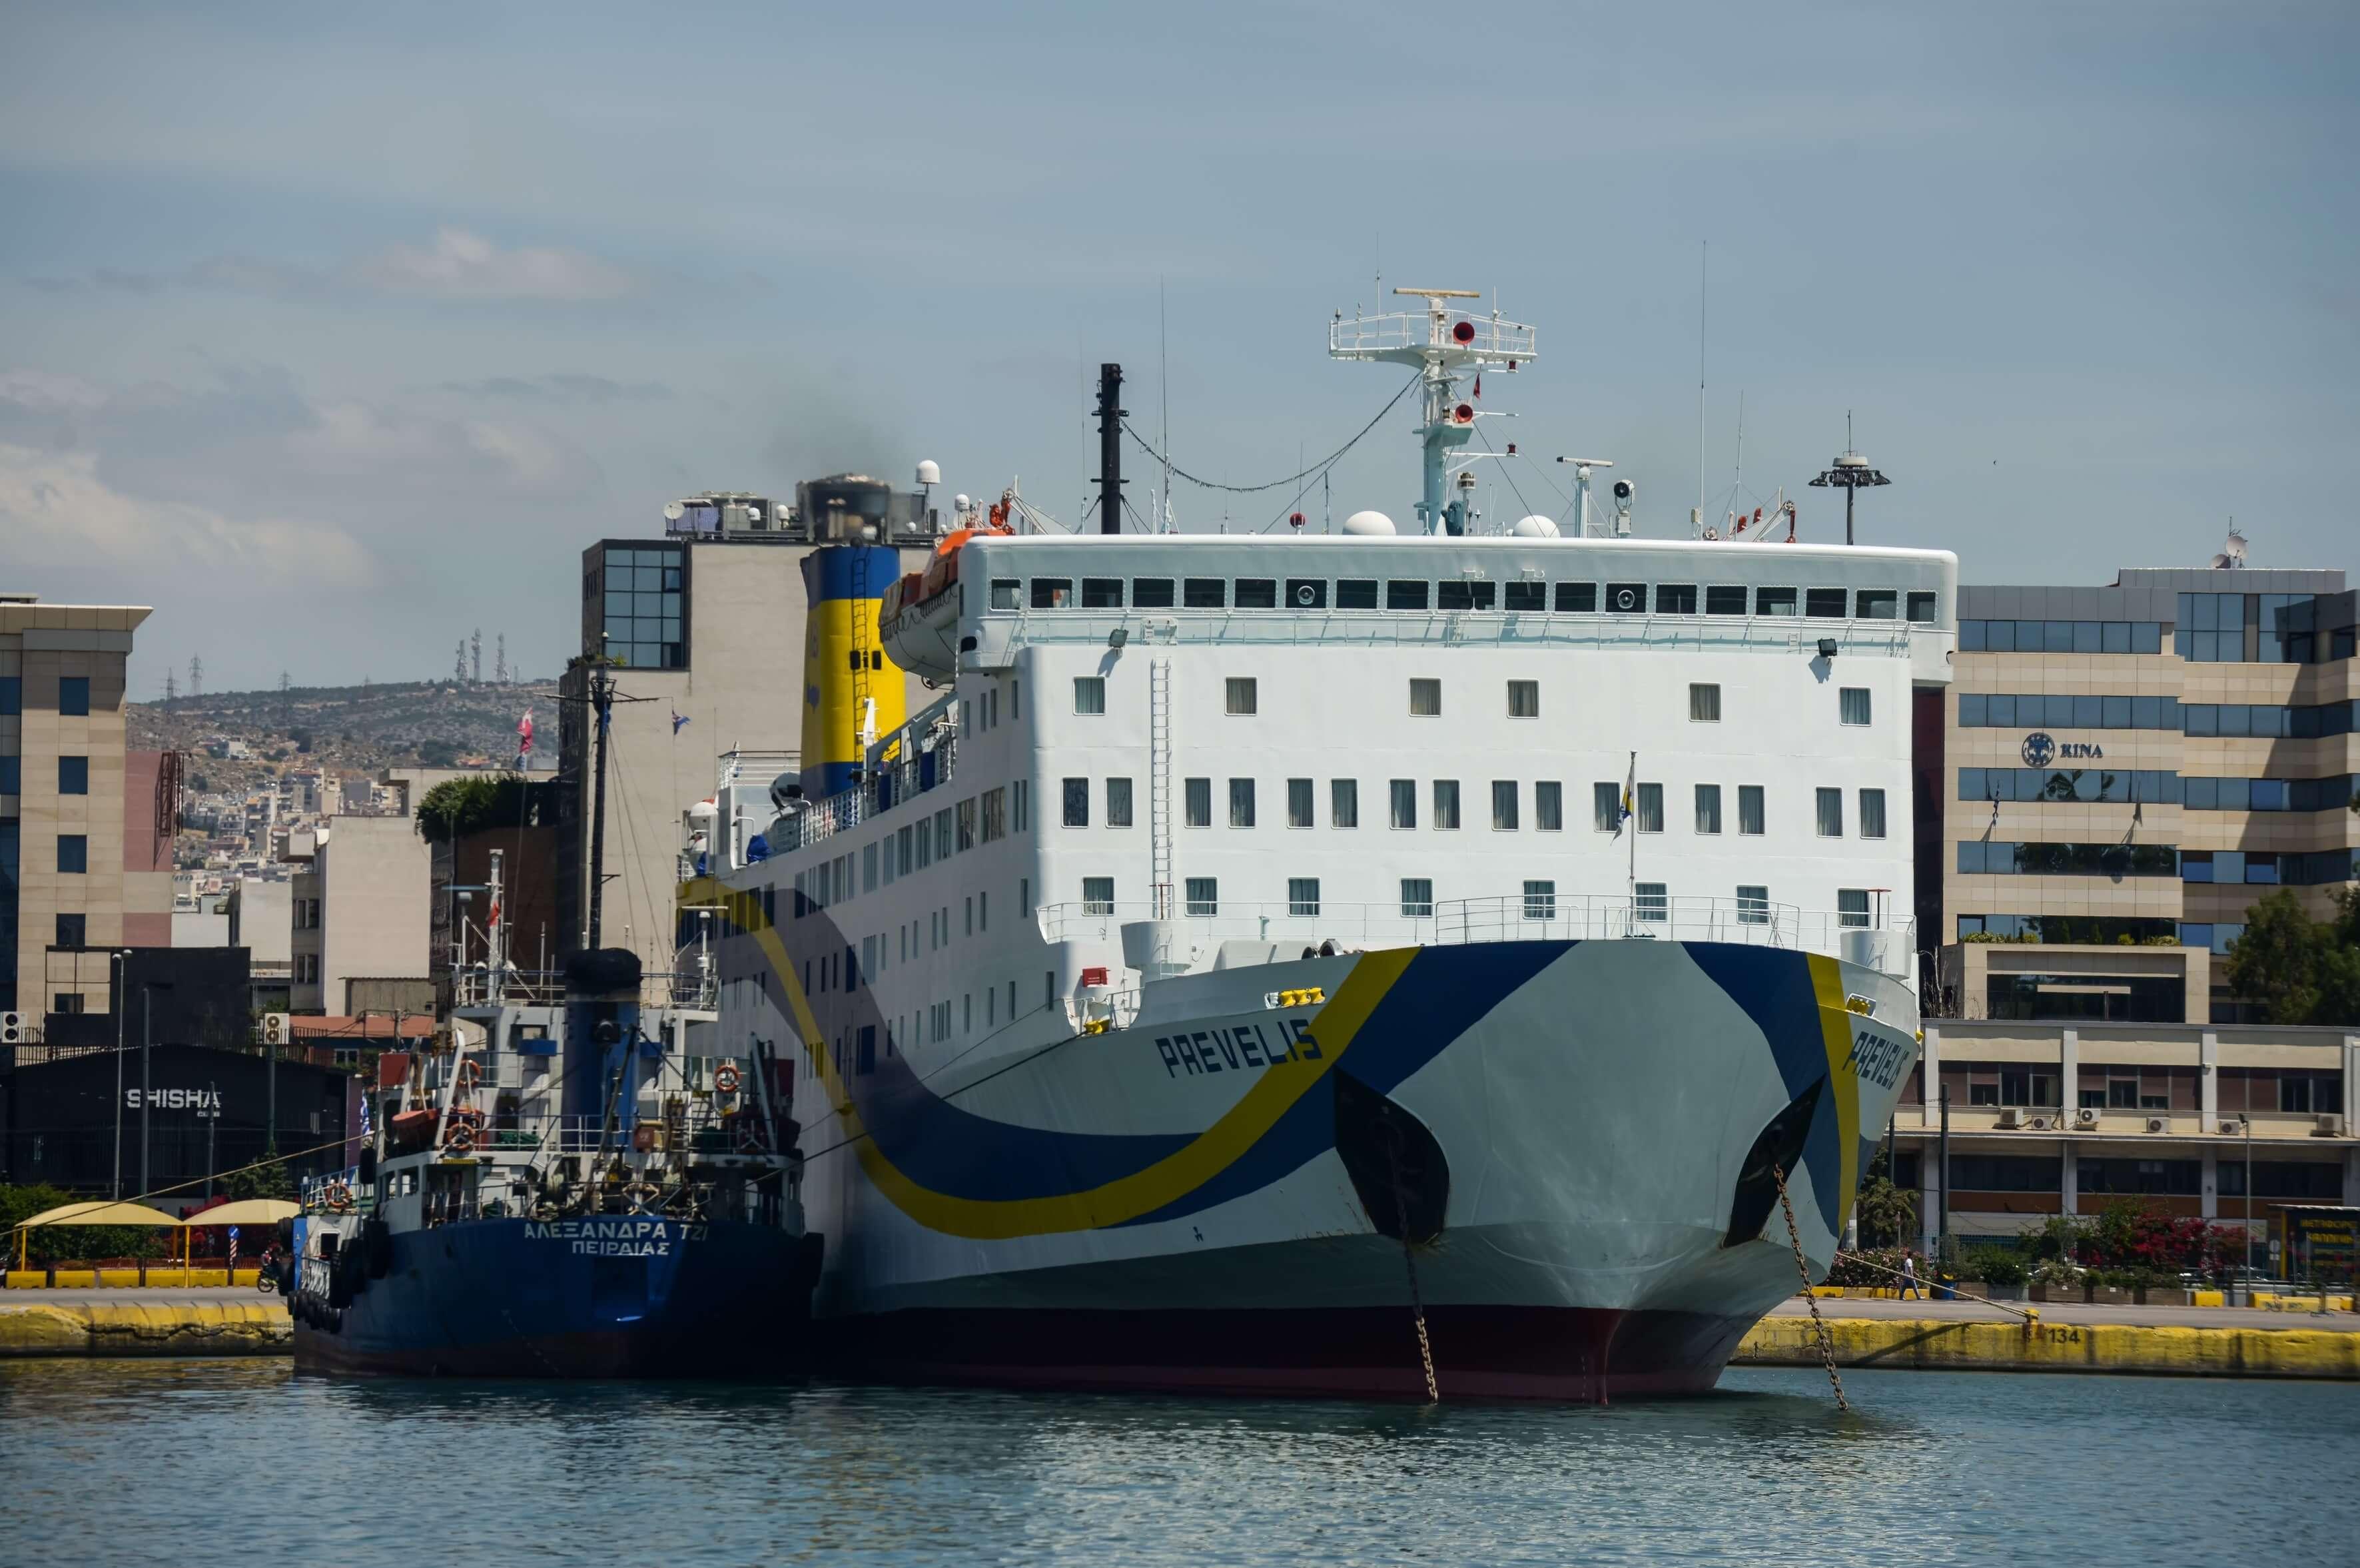 Στο λιμάνι της Καρπάθου χτύπησε το πλοίο «Πρέβελης»